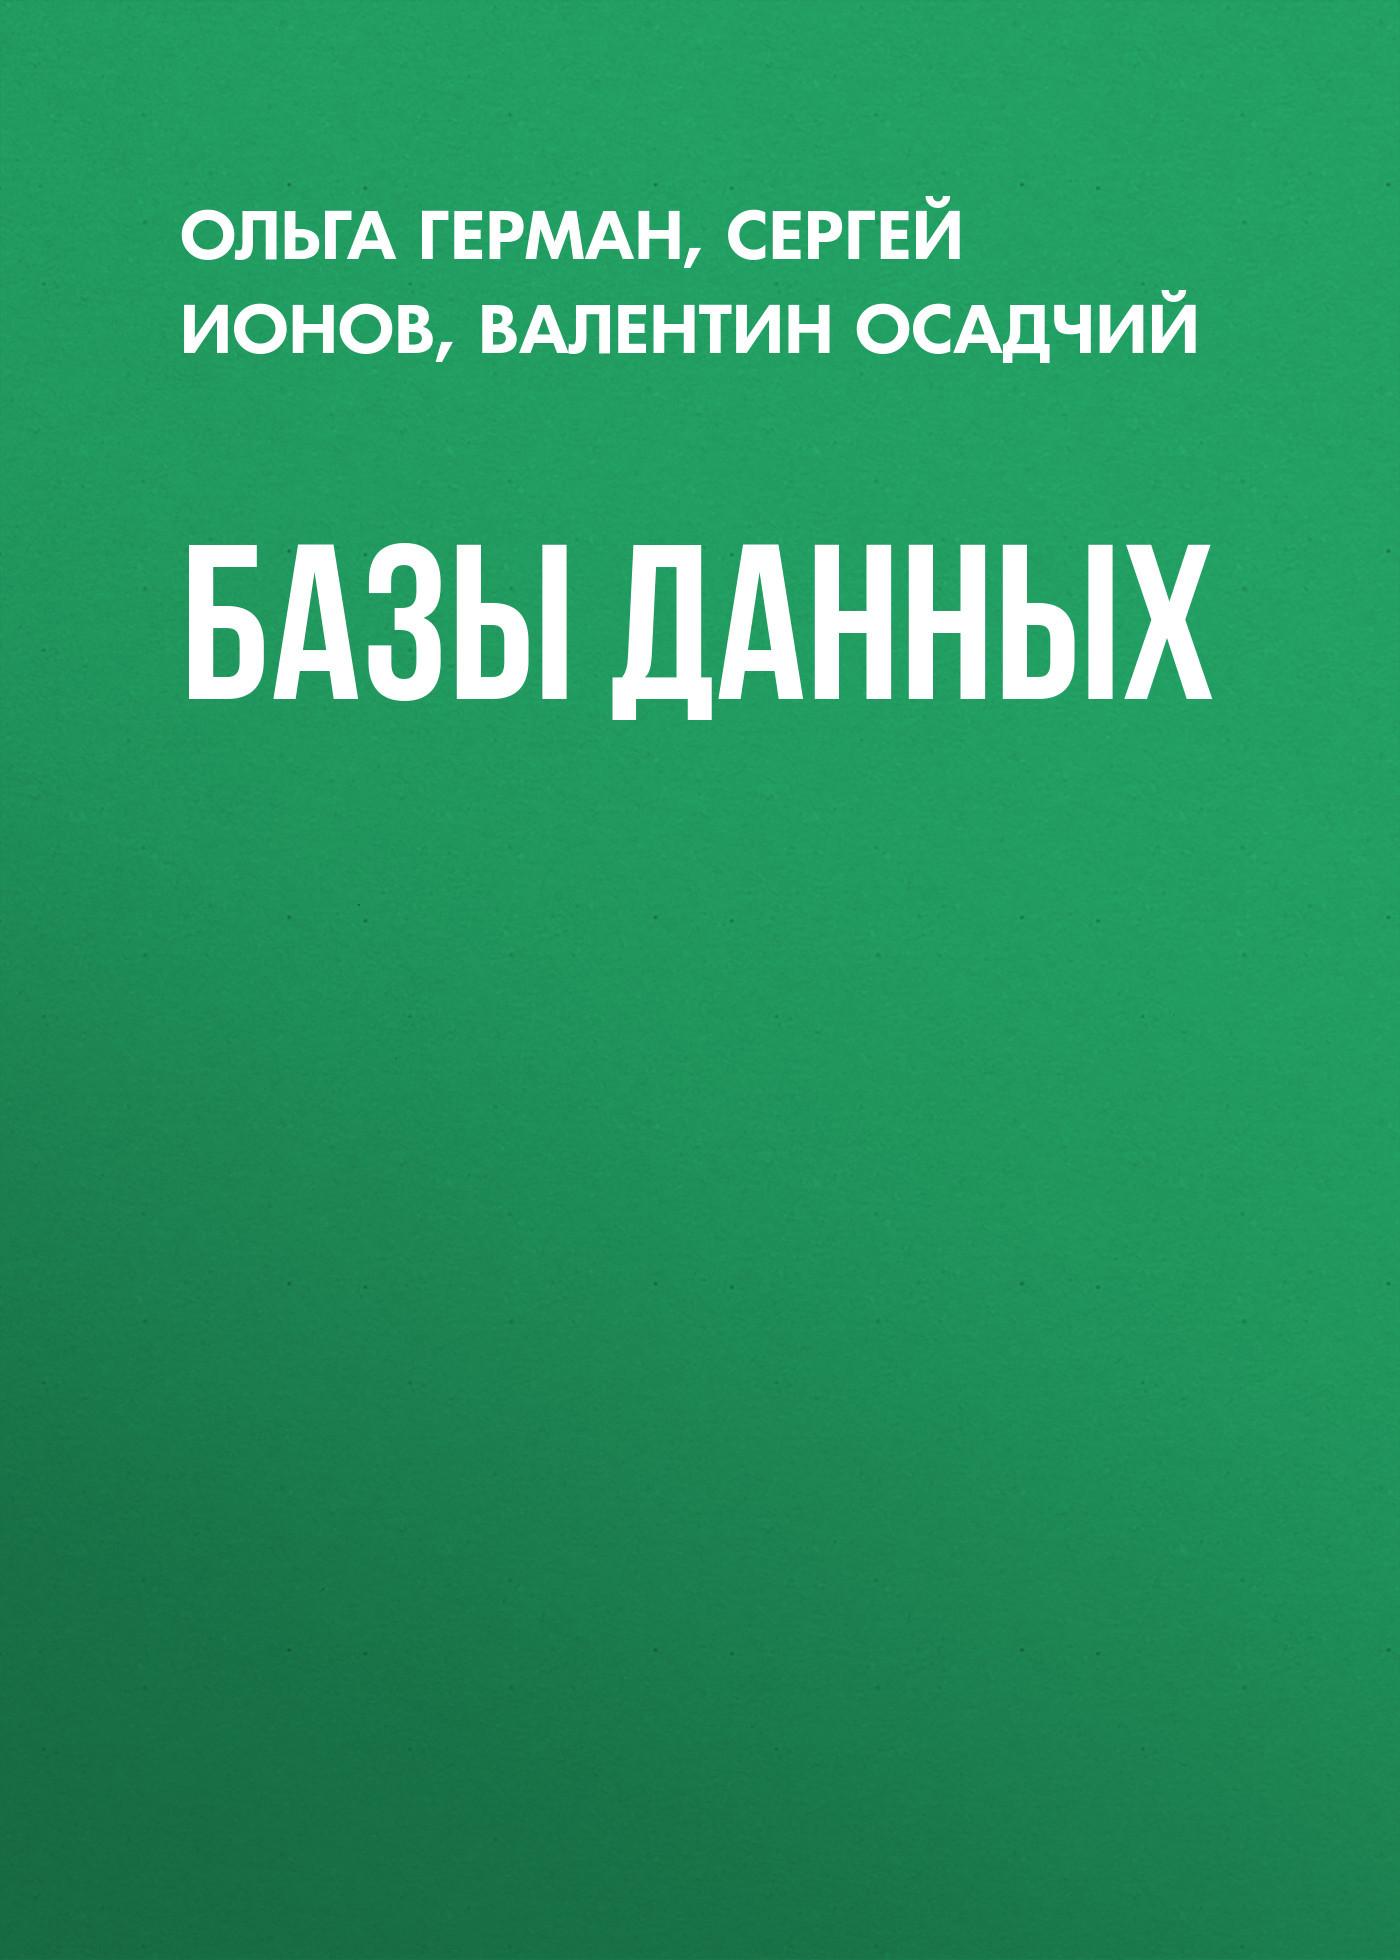 Валентин Осадчий Базы данных цена